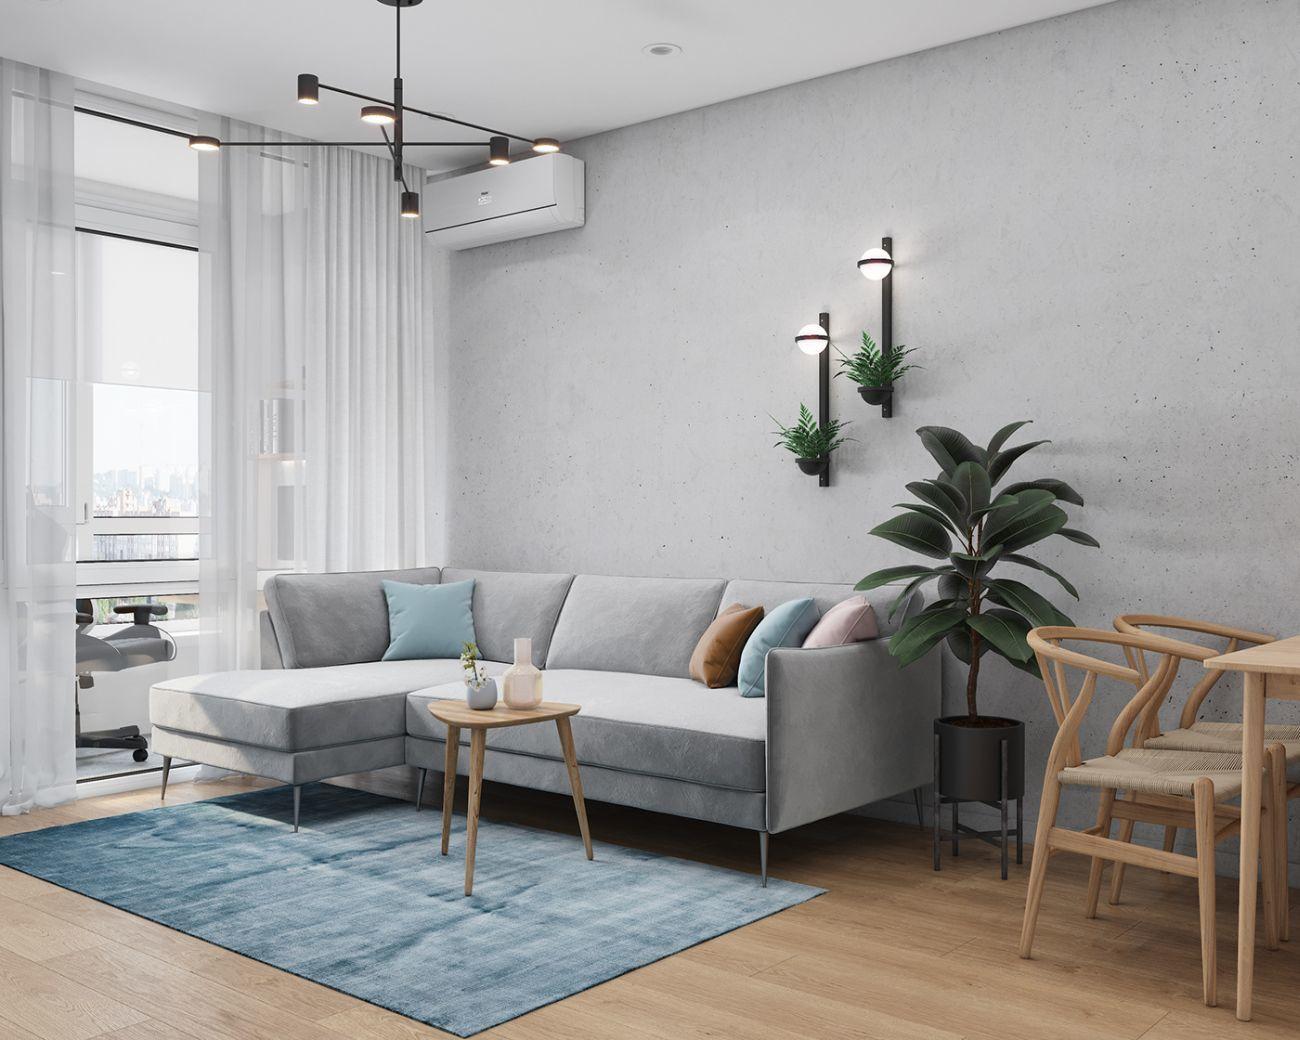 Beton design falak a panel hangulatához egy kényelmes kanapéval